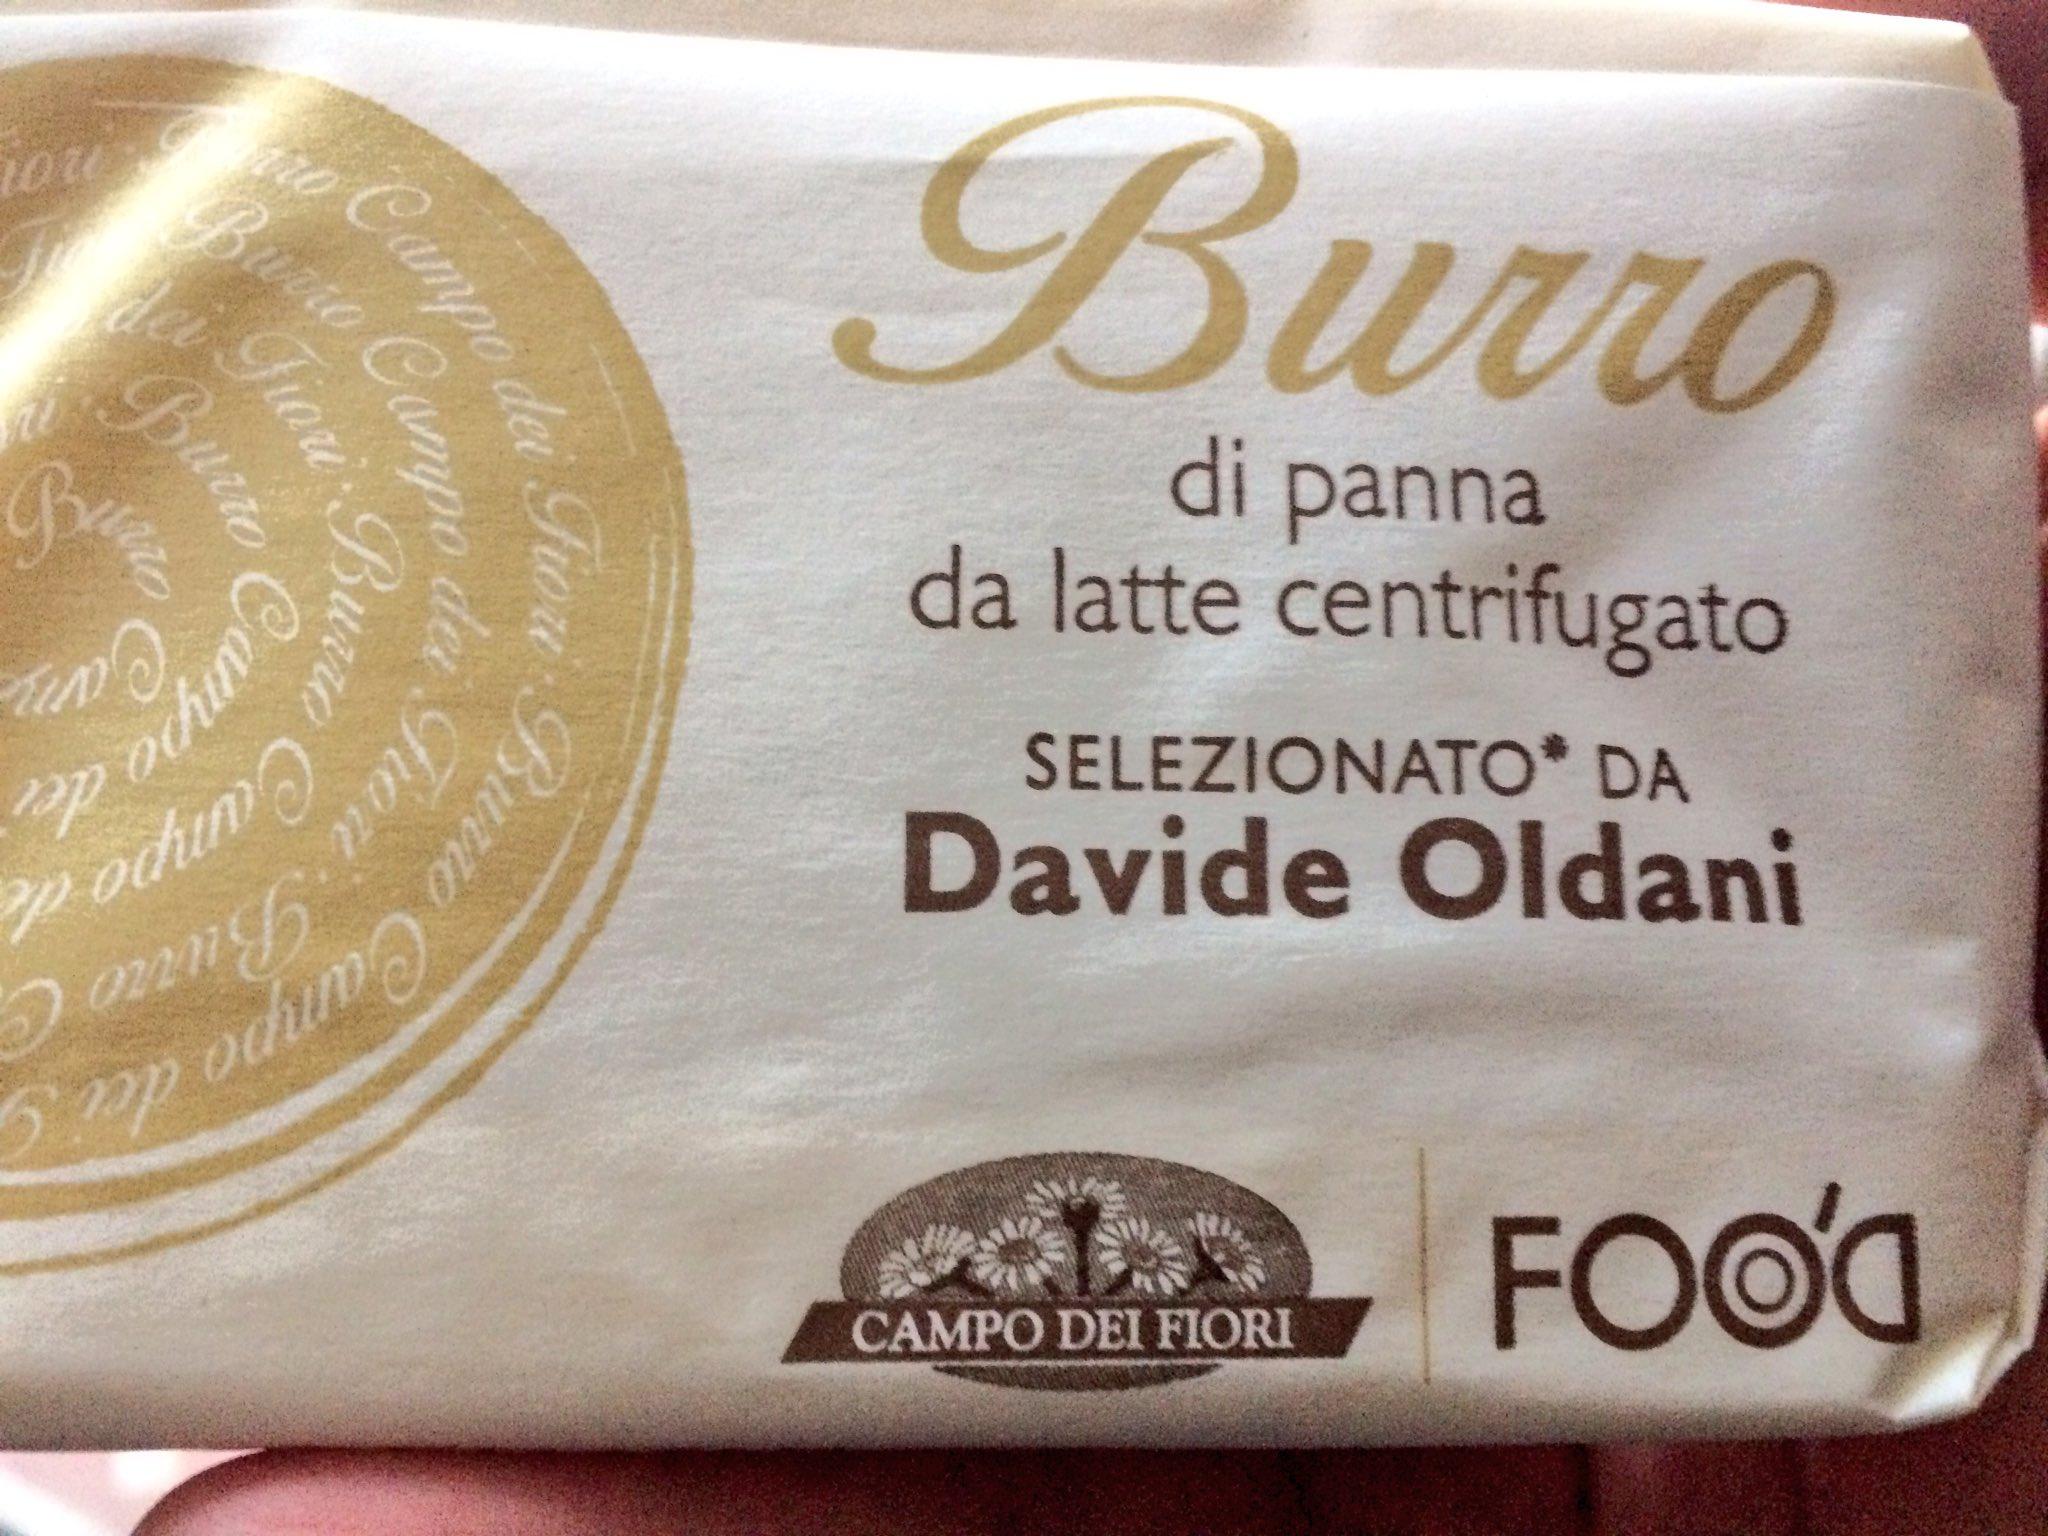 Fra il burro in circolazione questo di @DAVIDEOLDANIDO è davvero uno dei migliori. E si trova pure al supermercato! https://t.co/rnyPk3oYYK